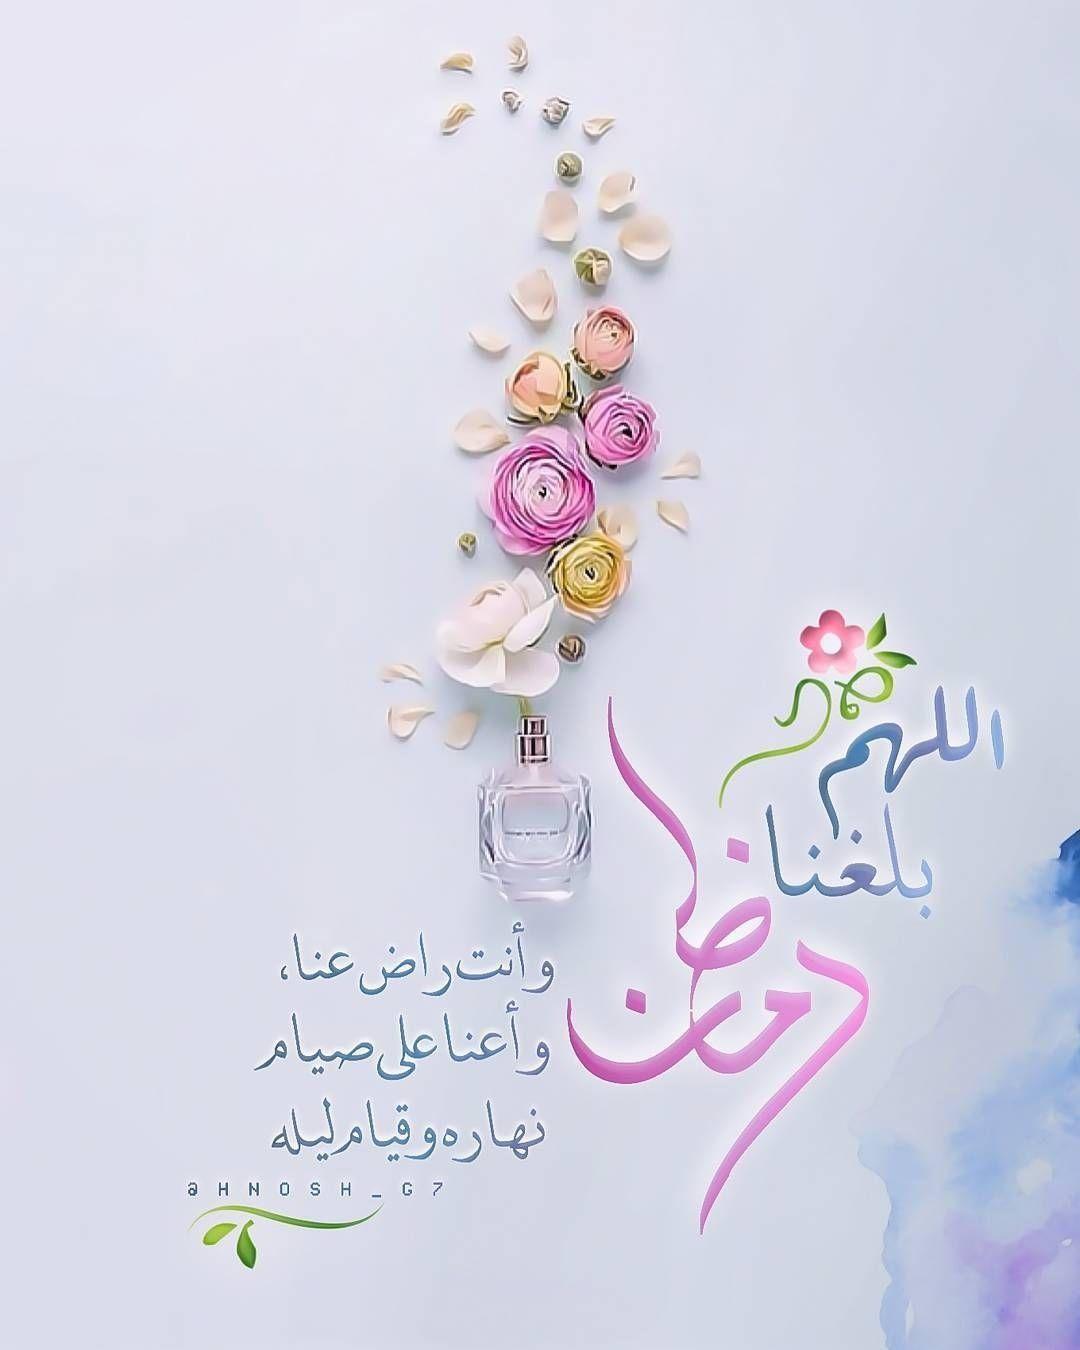 تهاني عيد الفطر 2019 Ramadan Greetings Ramadan Decorations Ramadan